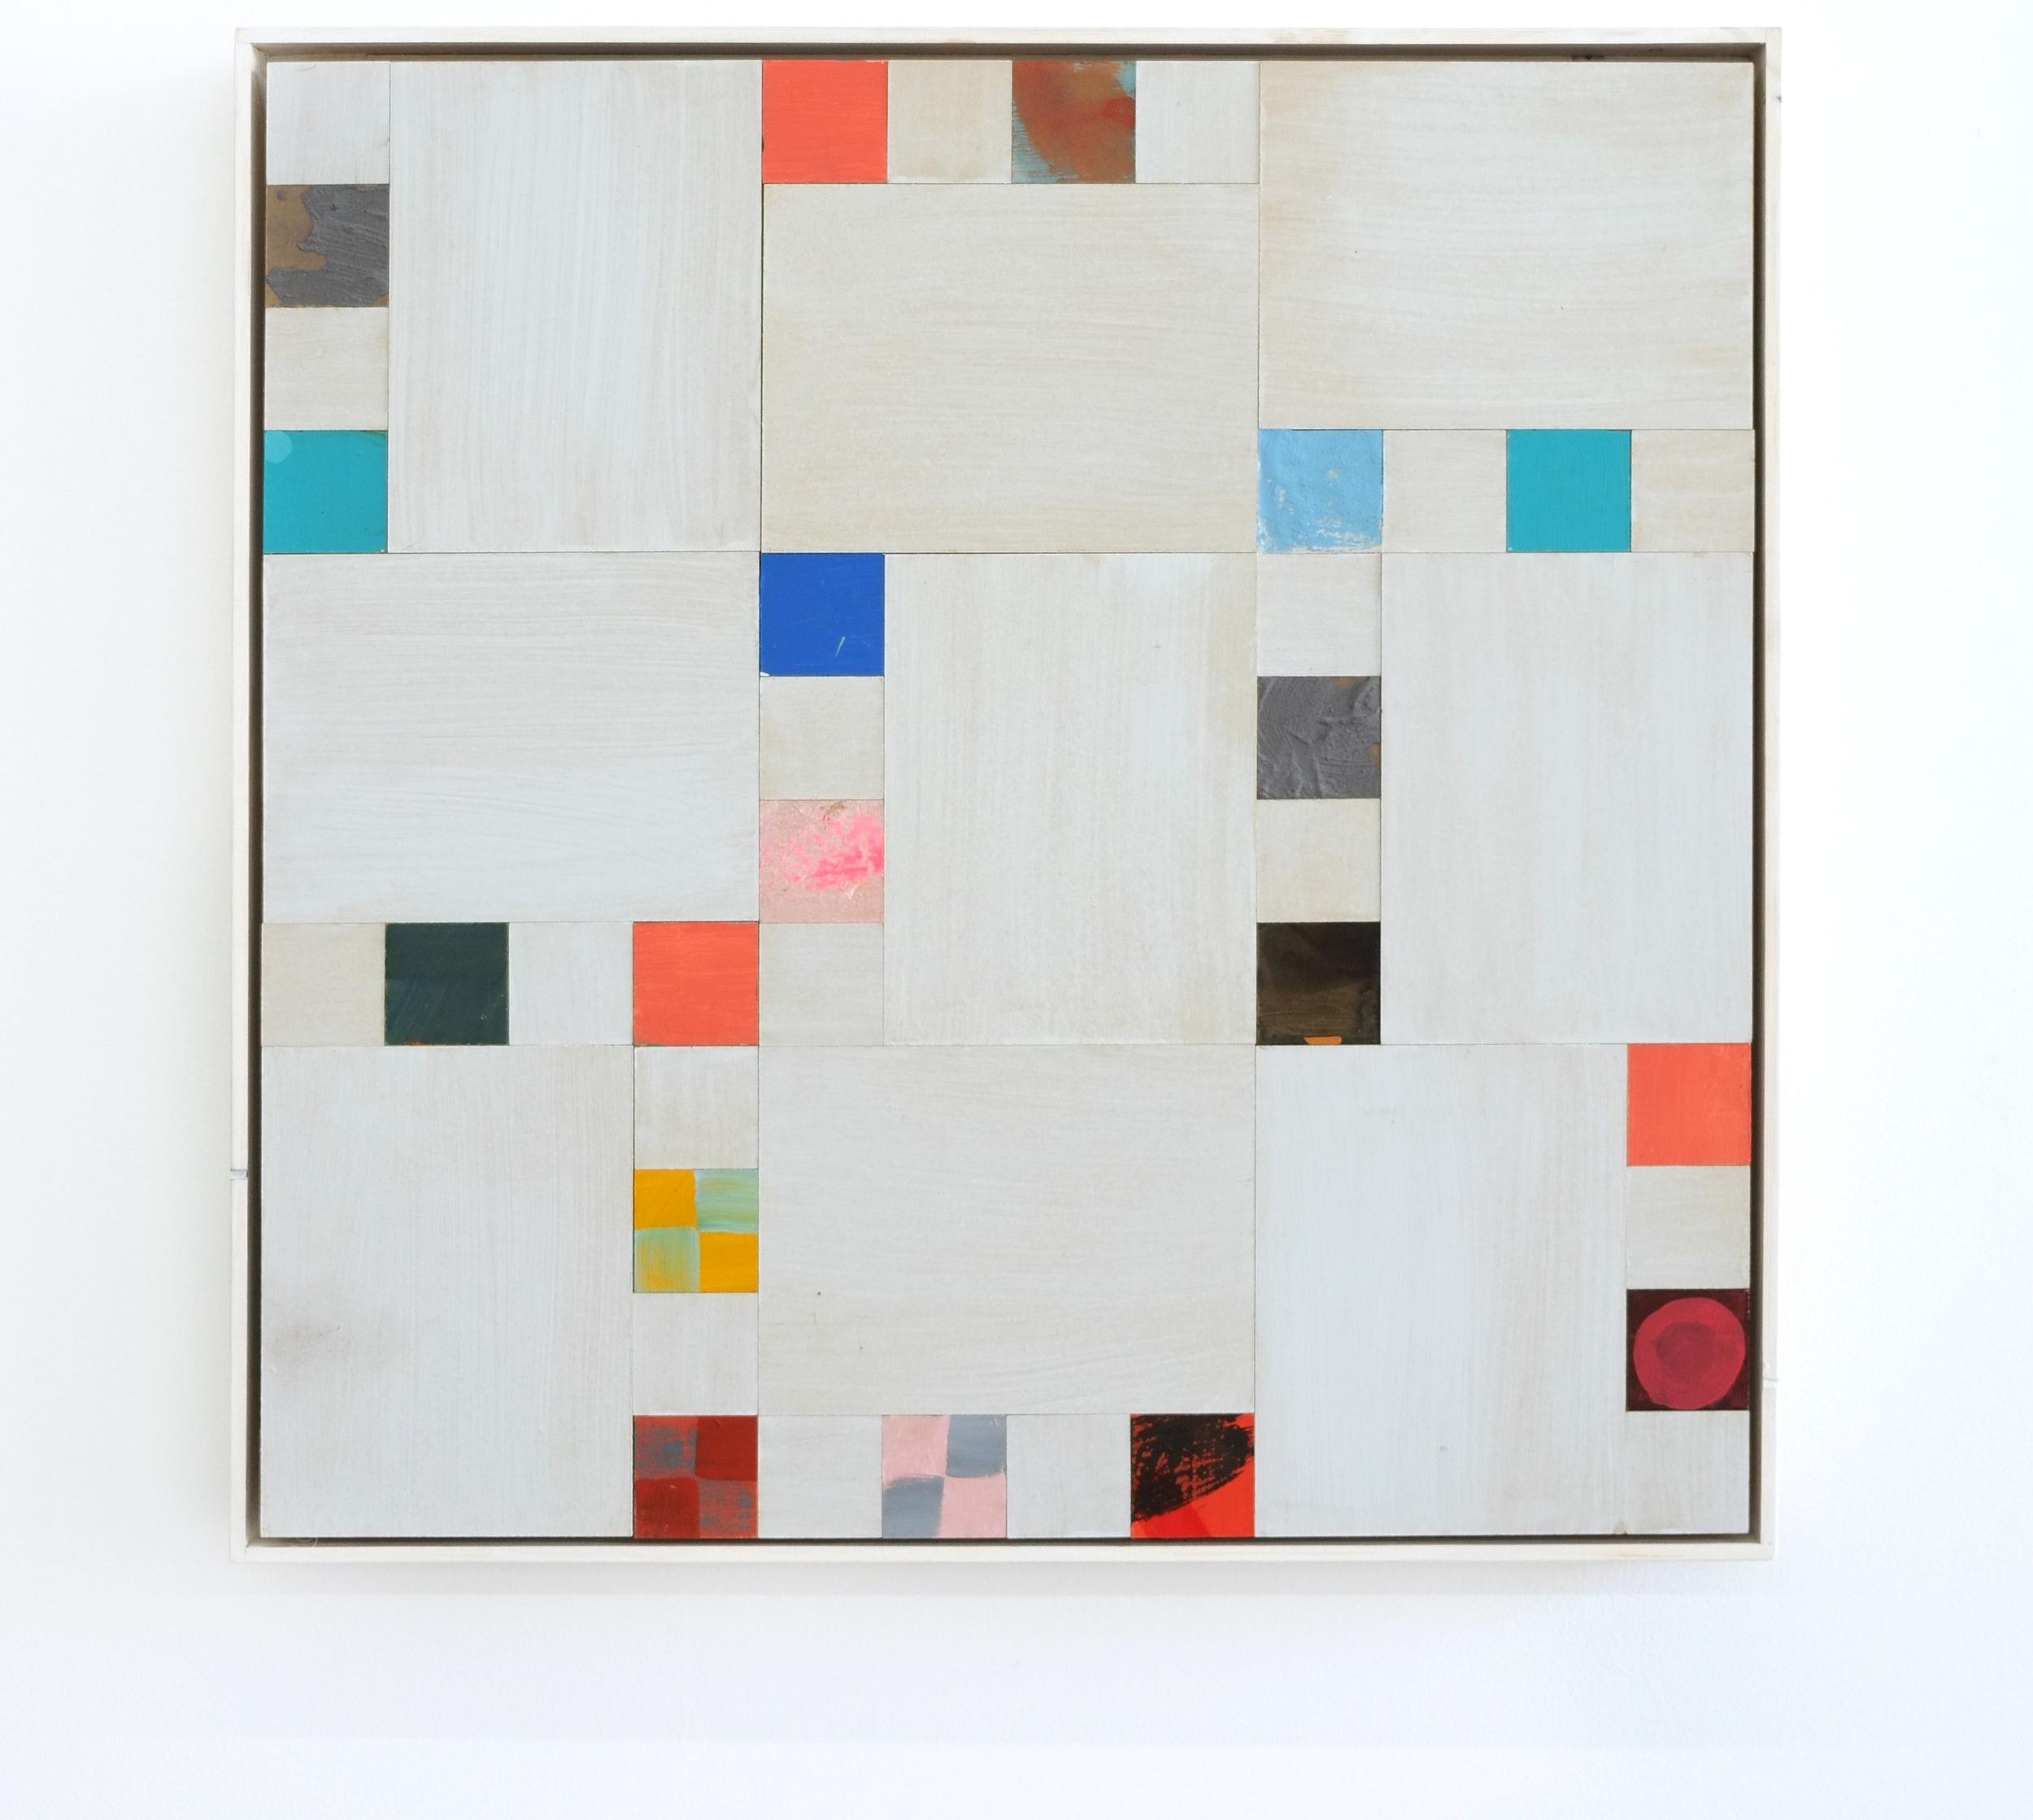 Haas&Hahn - ' Timid' (acrylics on wood)